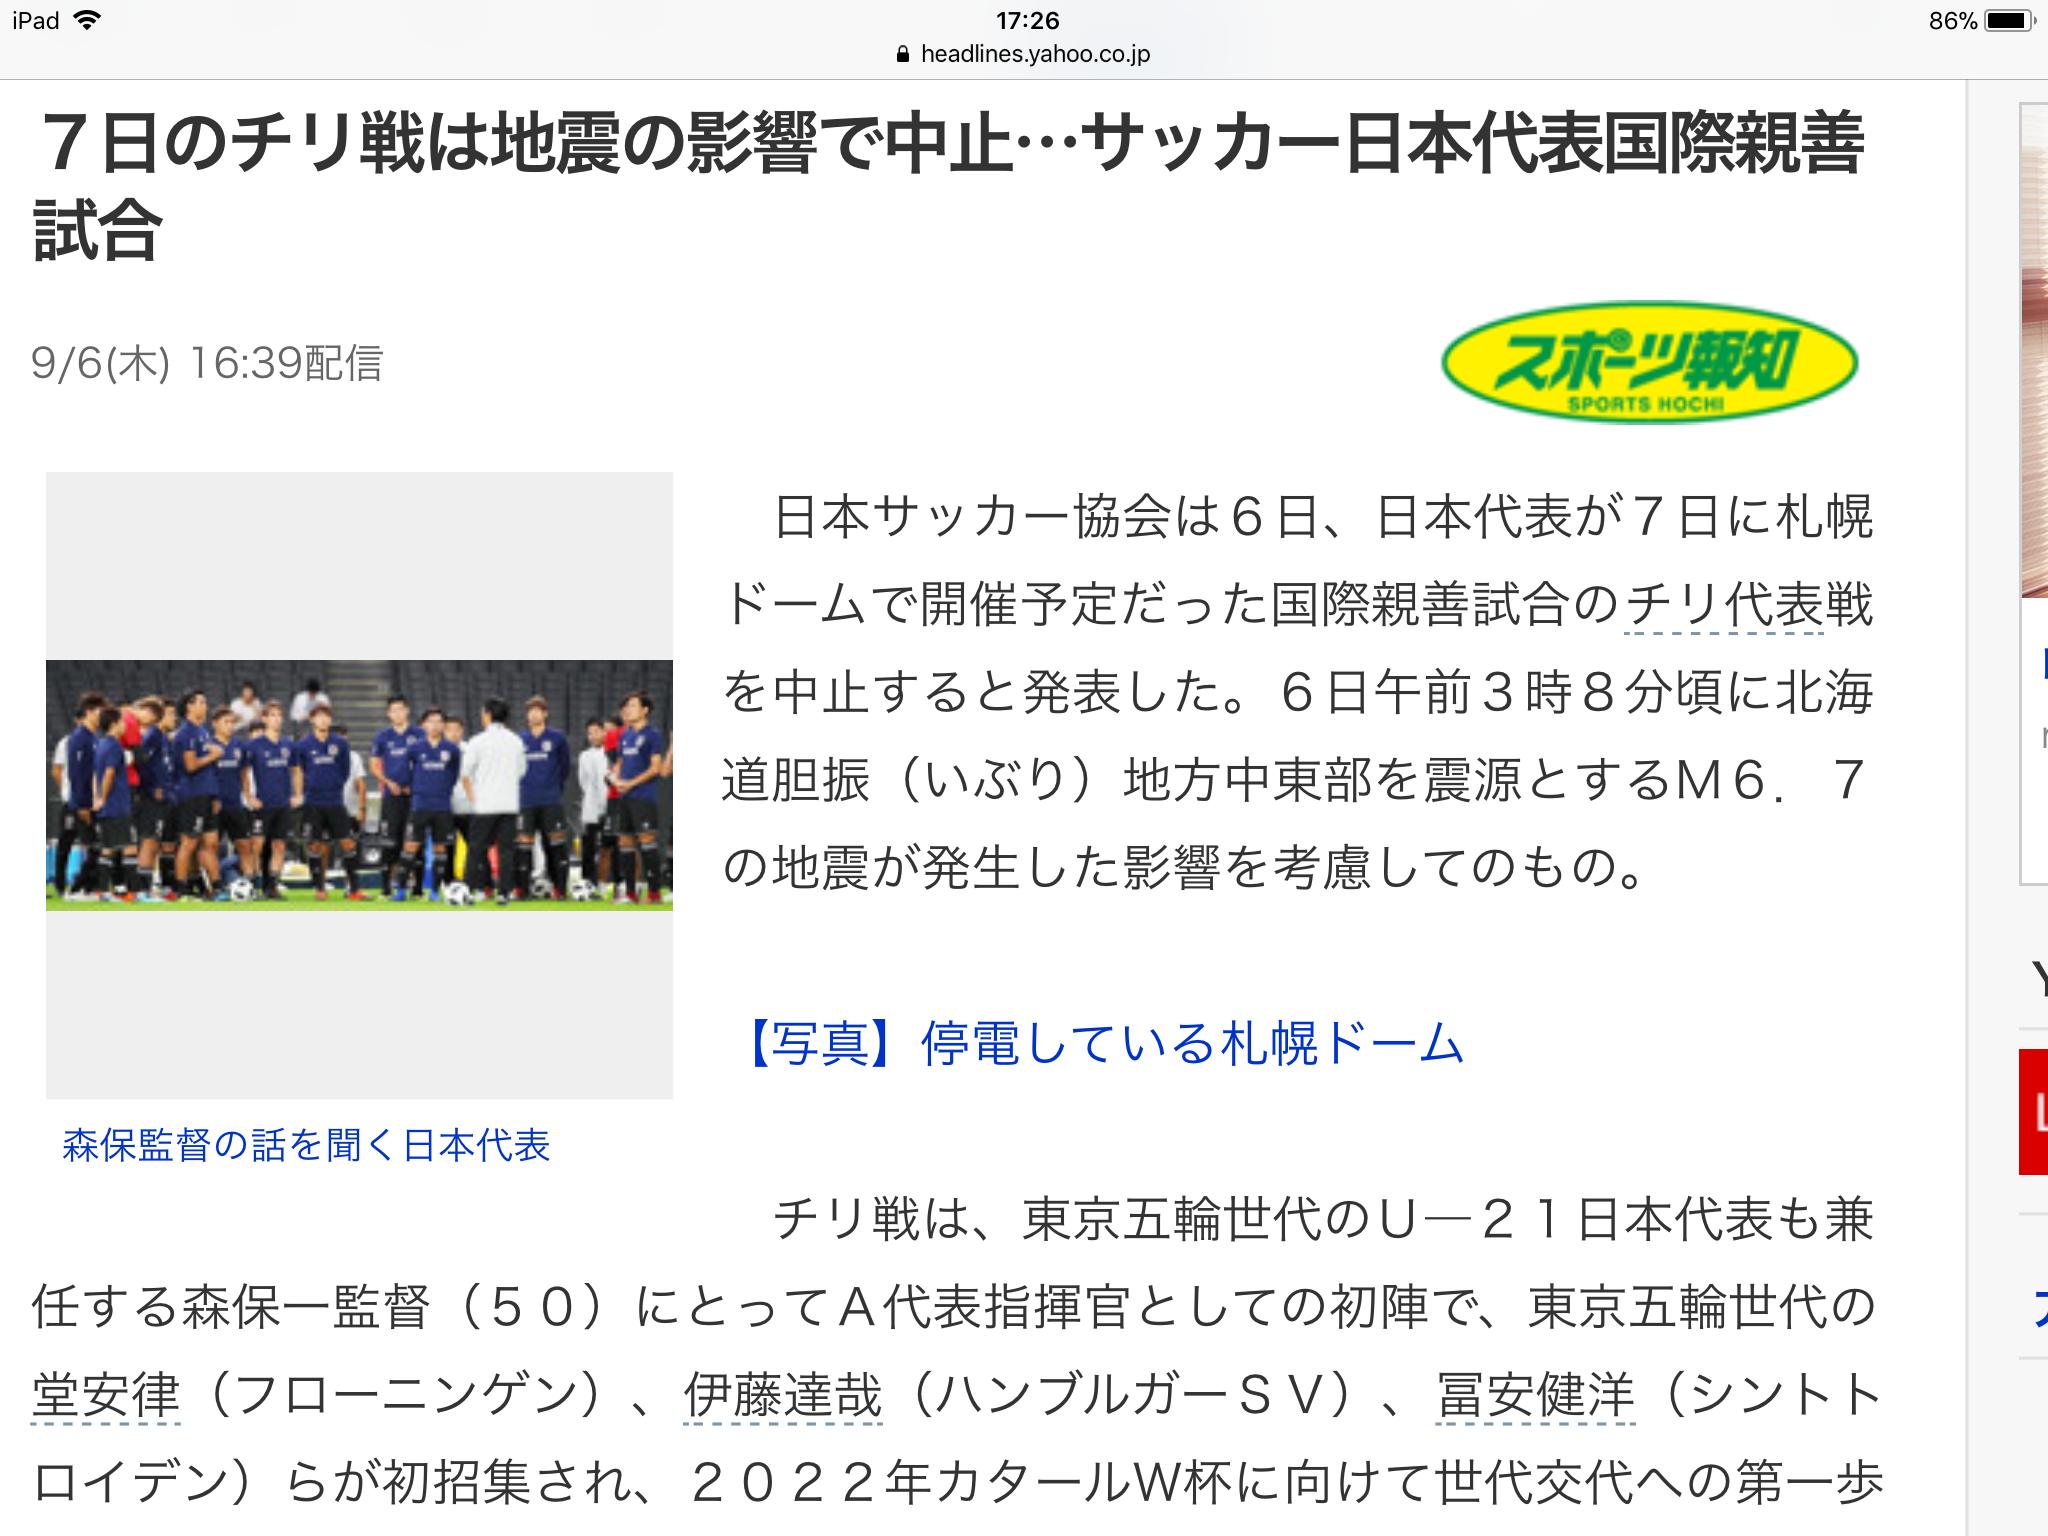 日本队热身因北海道地震取消 7年来首次中止A级赛